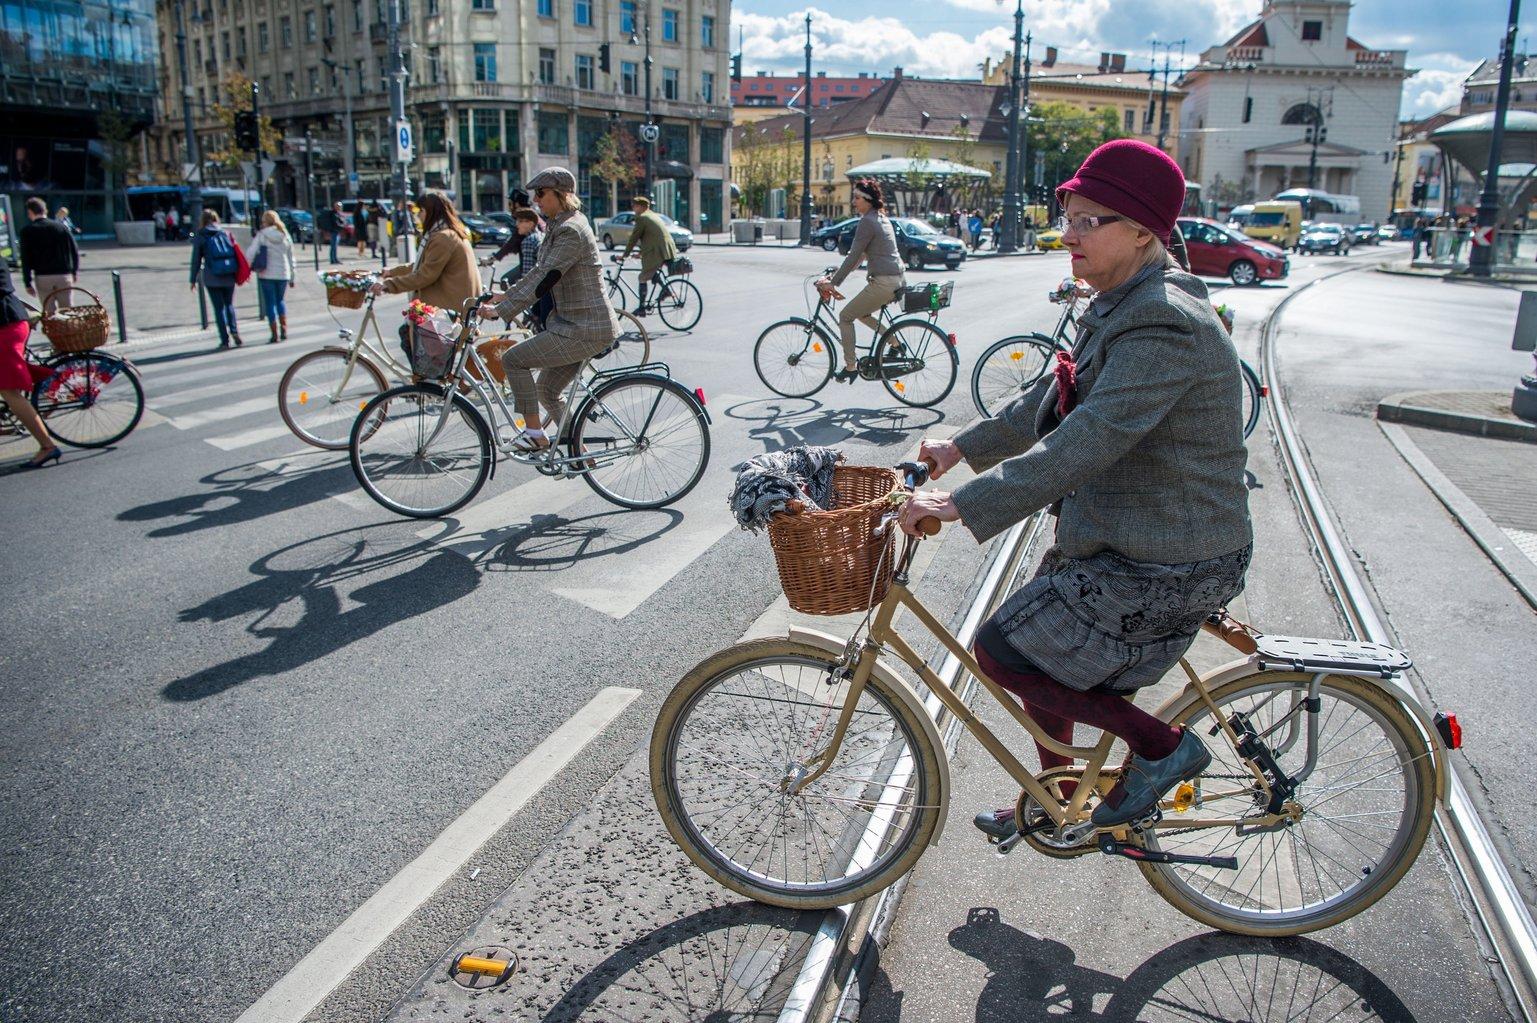 A Tweed Run Budapest baráti társaság múltidéző kerékpáros felvonulásának résztvevői a belvárosi Kálvin téren 2017. október 7-én. MTI Fotó: Balázs Attila